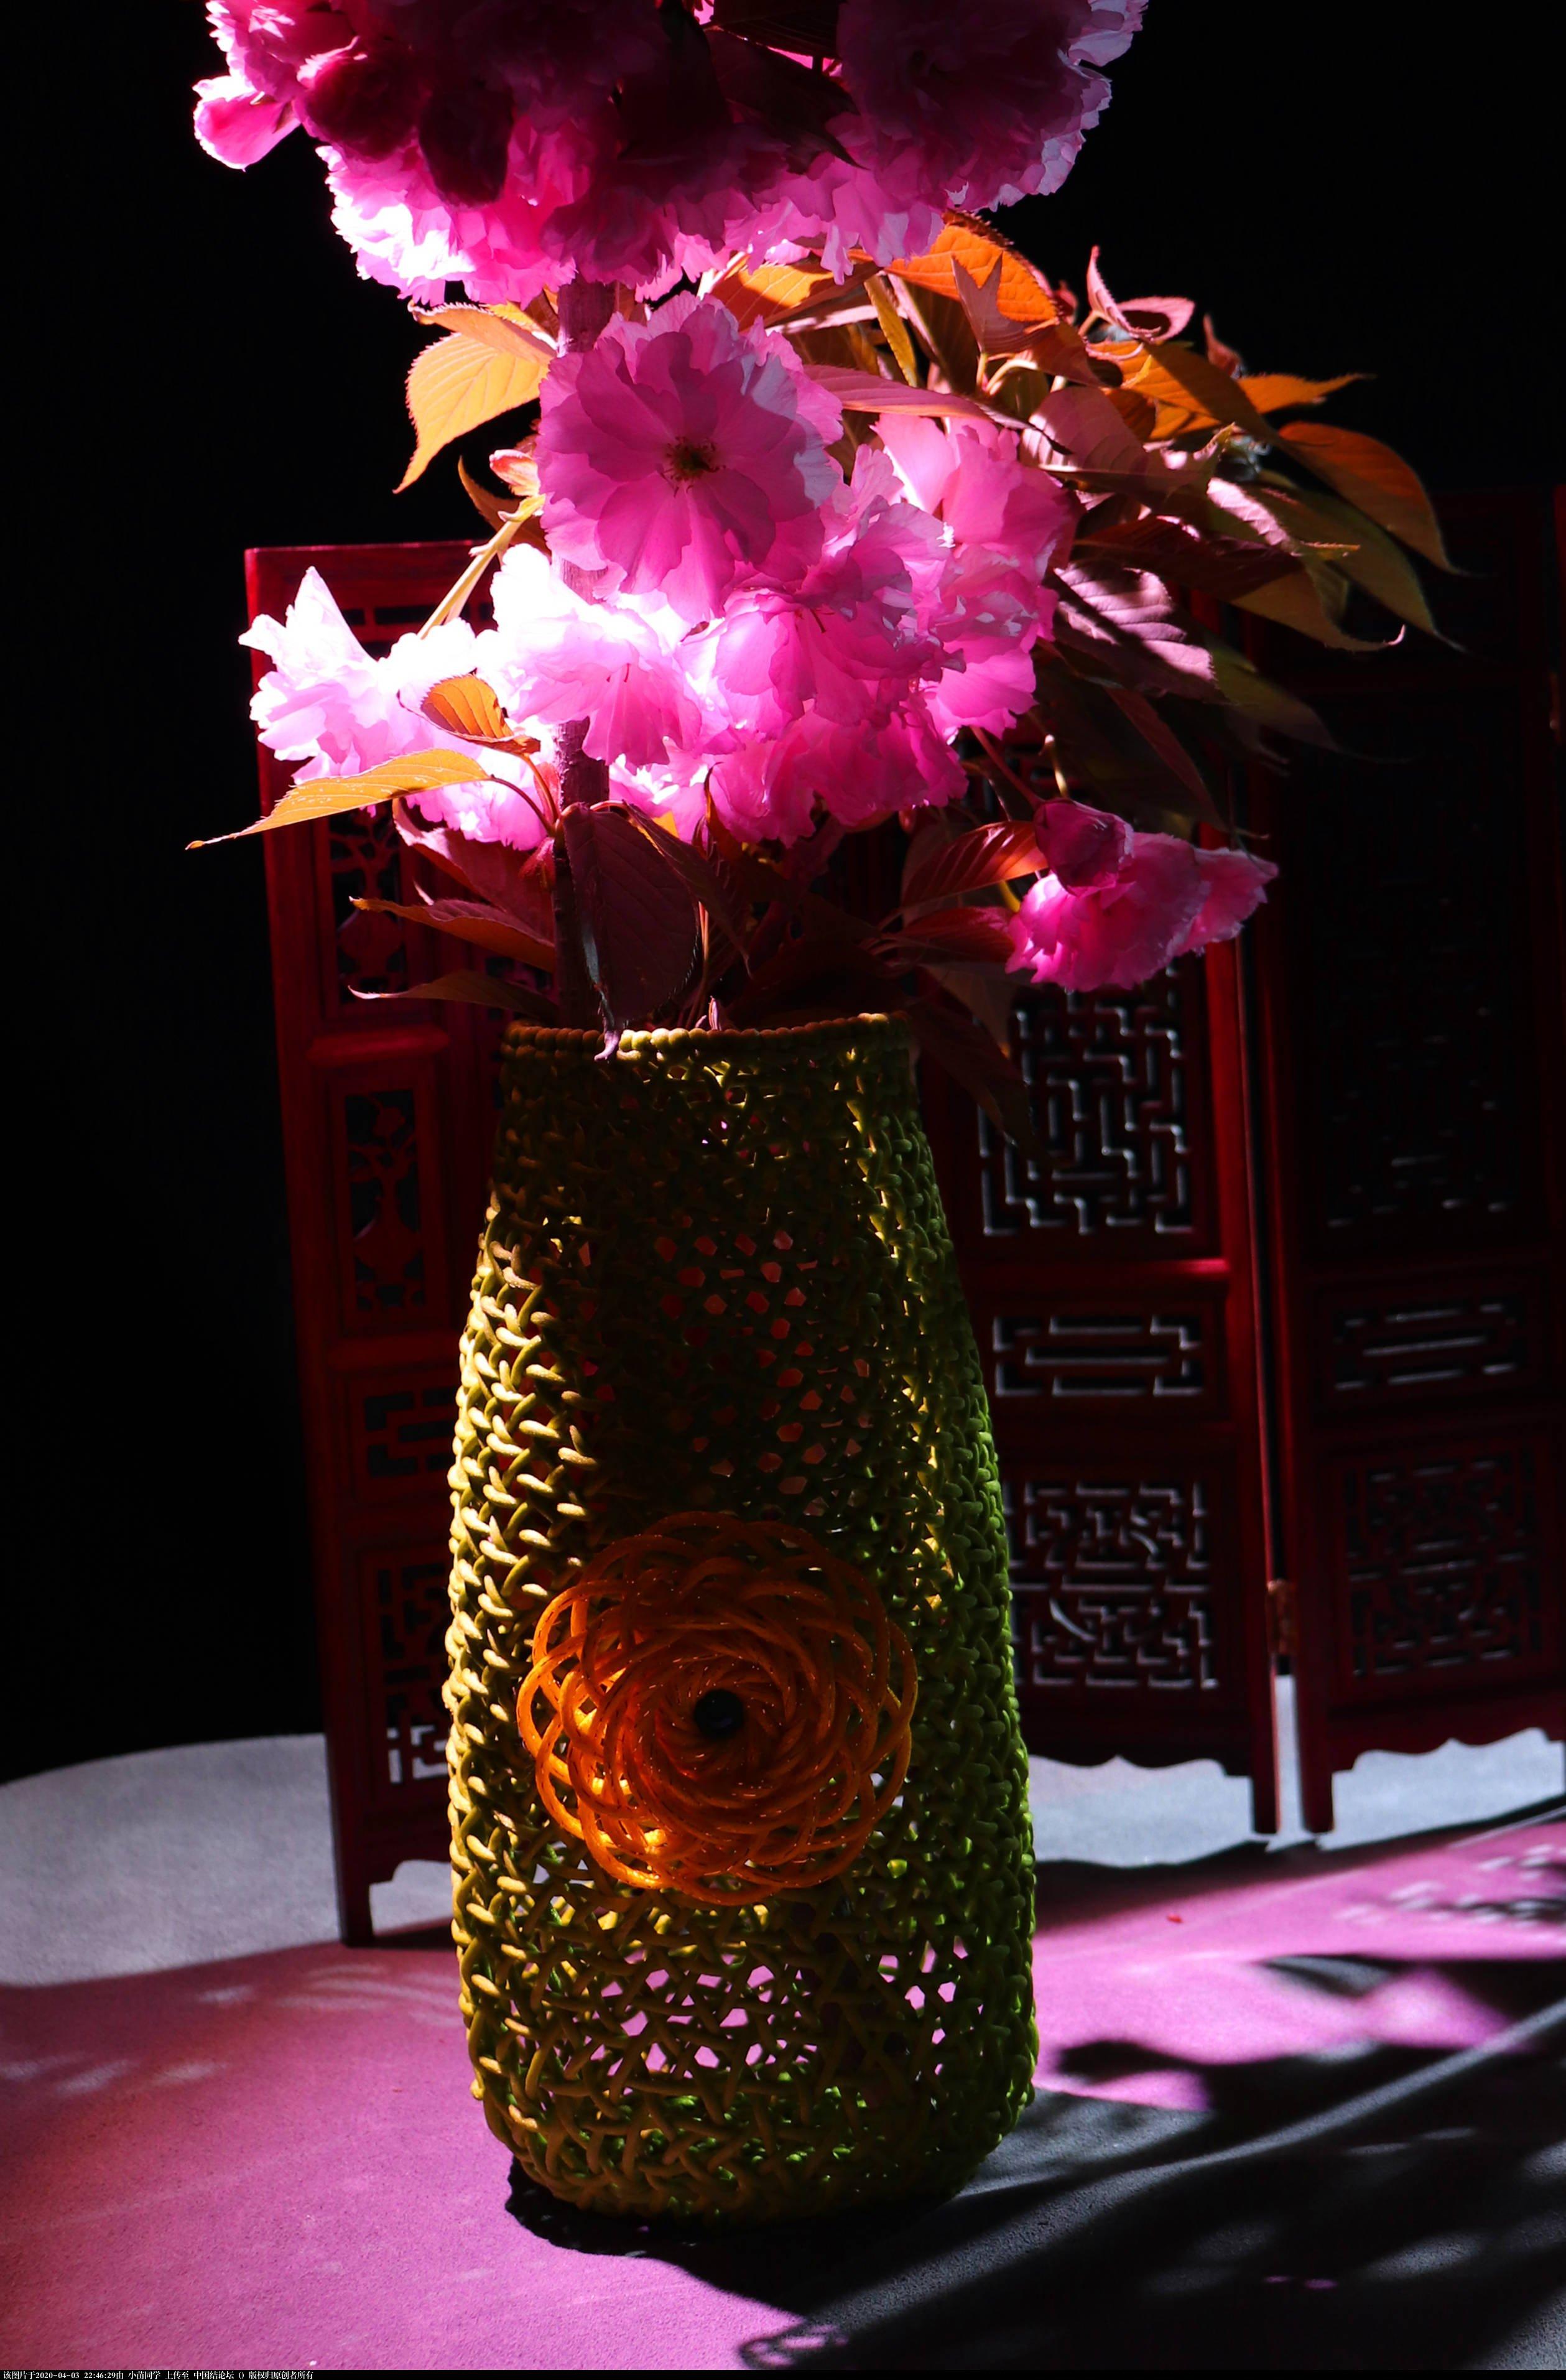 中国结论坛 花股结花瓶 花瓶,花瓶图案,大花瓶,花瓶姑娘,花瓶什么意思 作品展示 224623y65dt867n6kzddcn